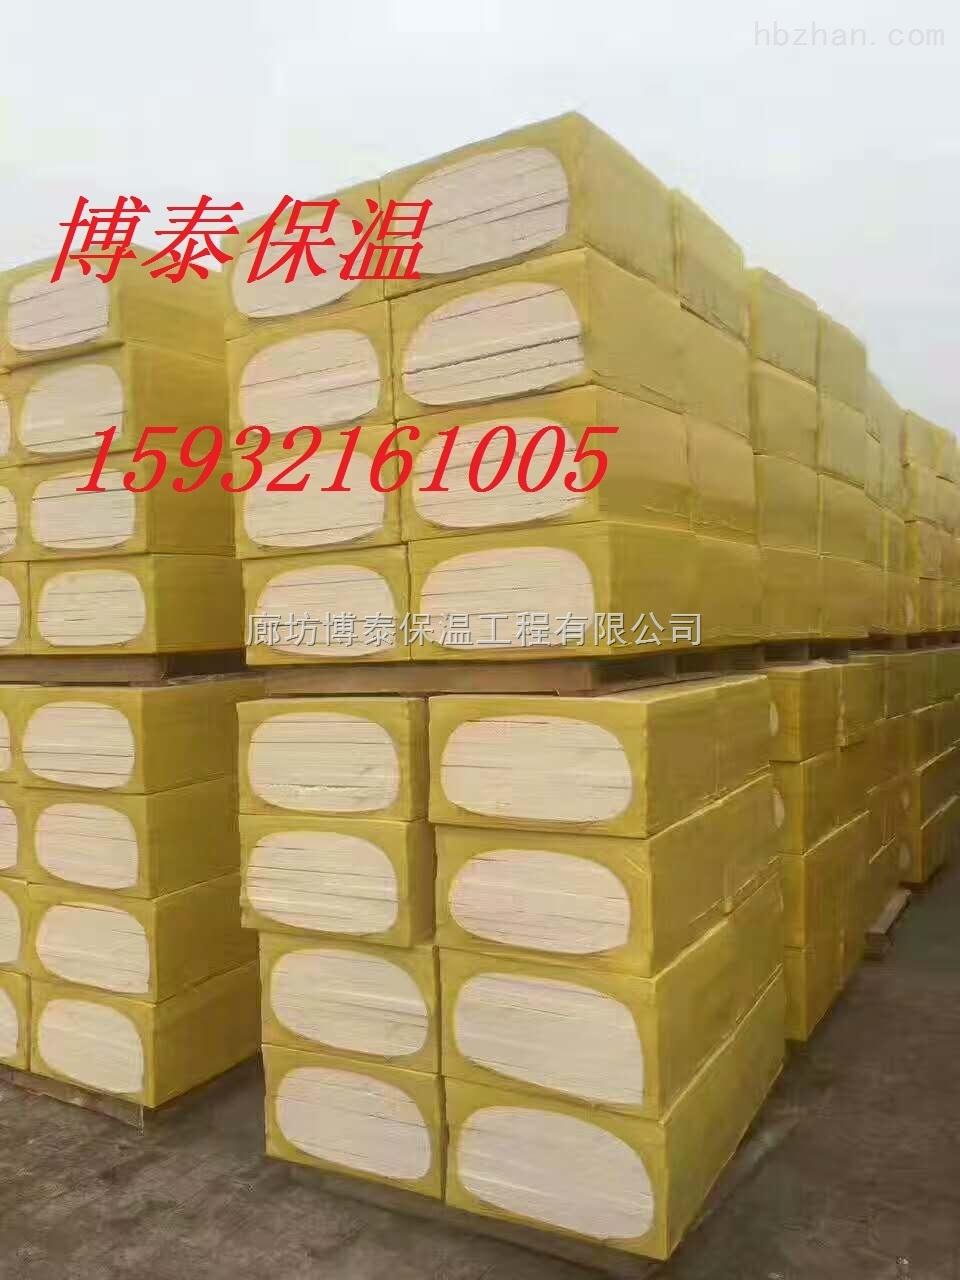 硅质聚苯板产品